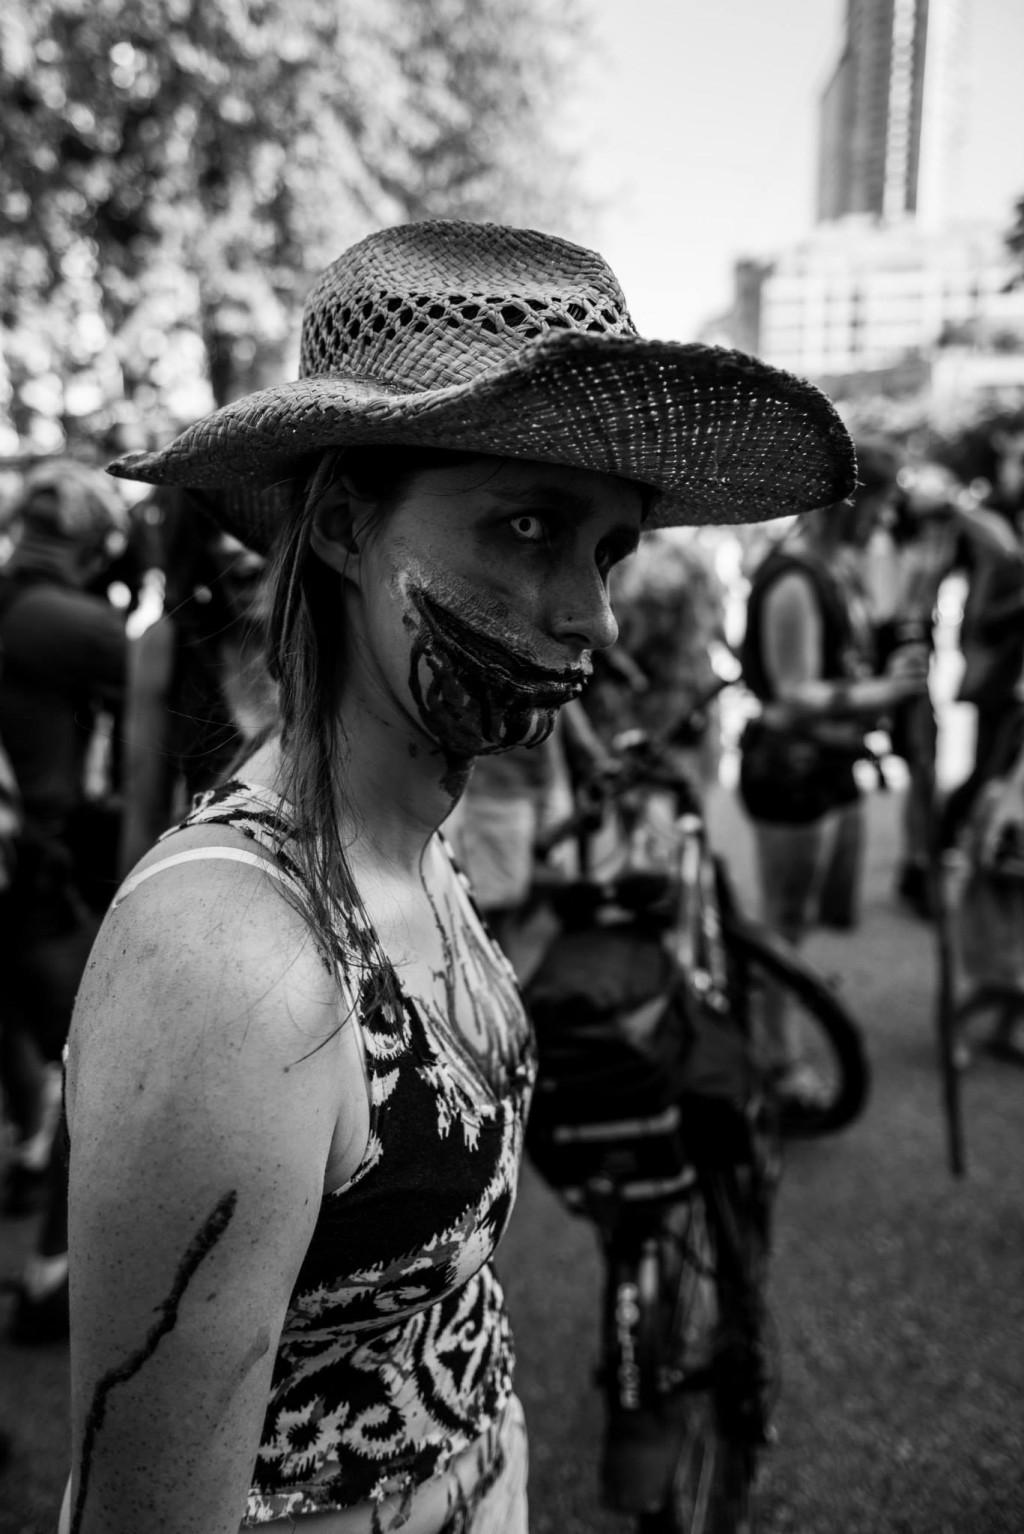 vancouver zombie walk 2014 scott hemenway 65